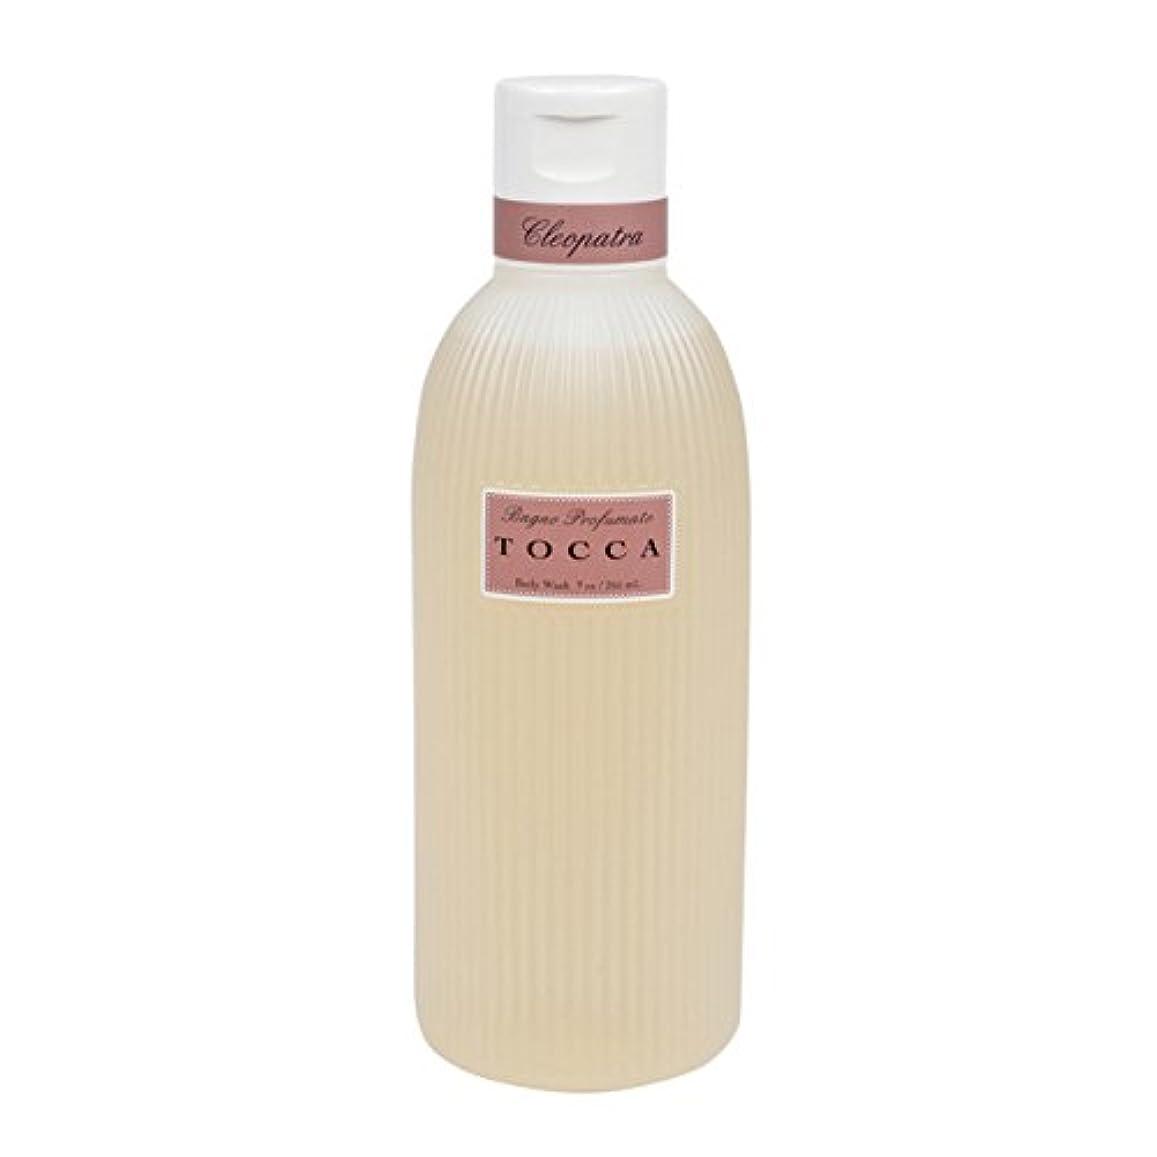 方法論知恵経験トッカ(TOCCA) ボディーケアウォッシュ クレオパトラの香り 266ml(全身用洗浄料 ボディーソープ グレープフルーツとキューカンバーのフレッシュでクリーンな香り)